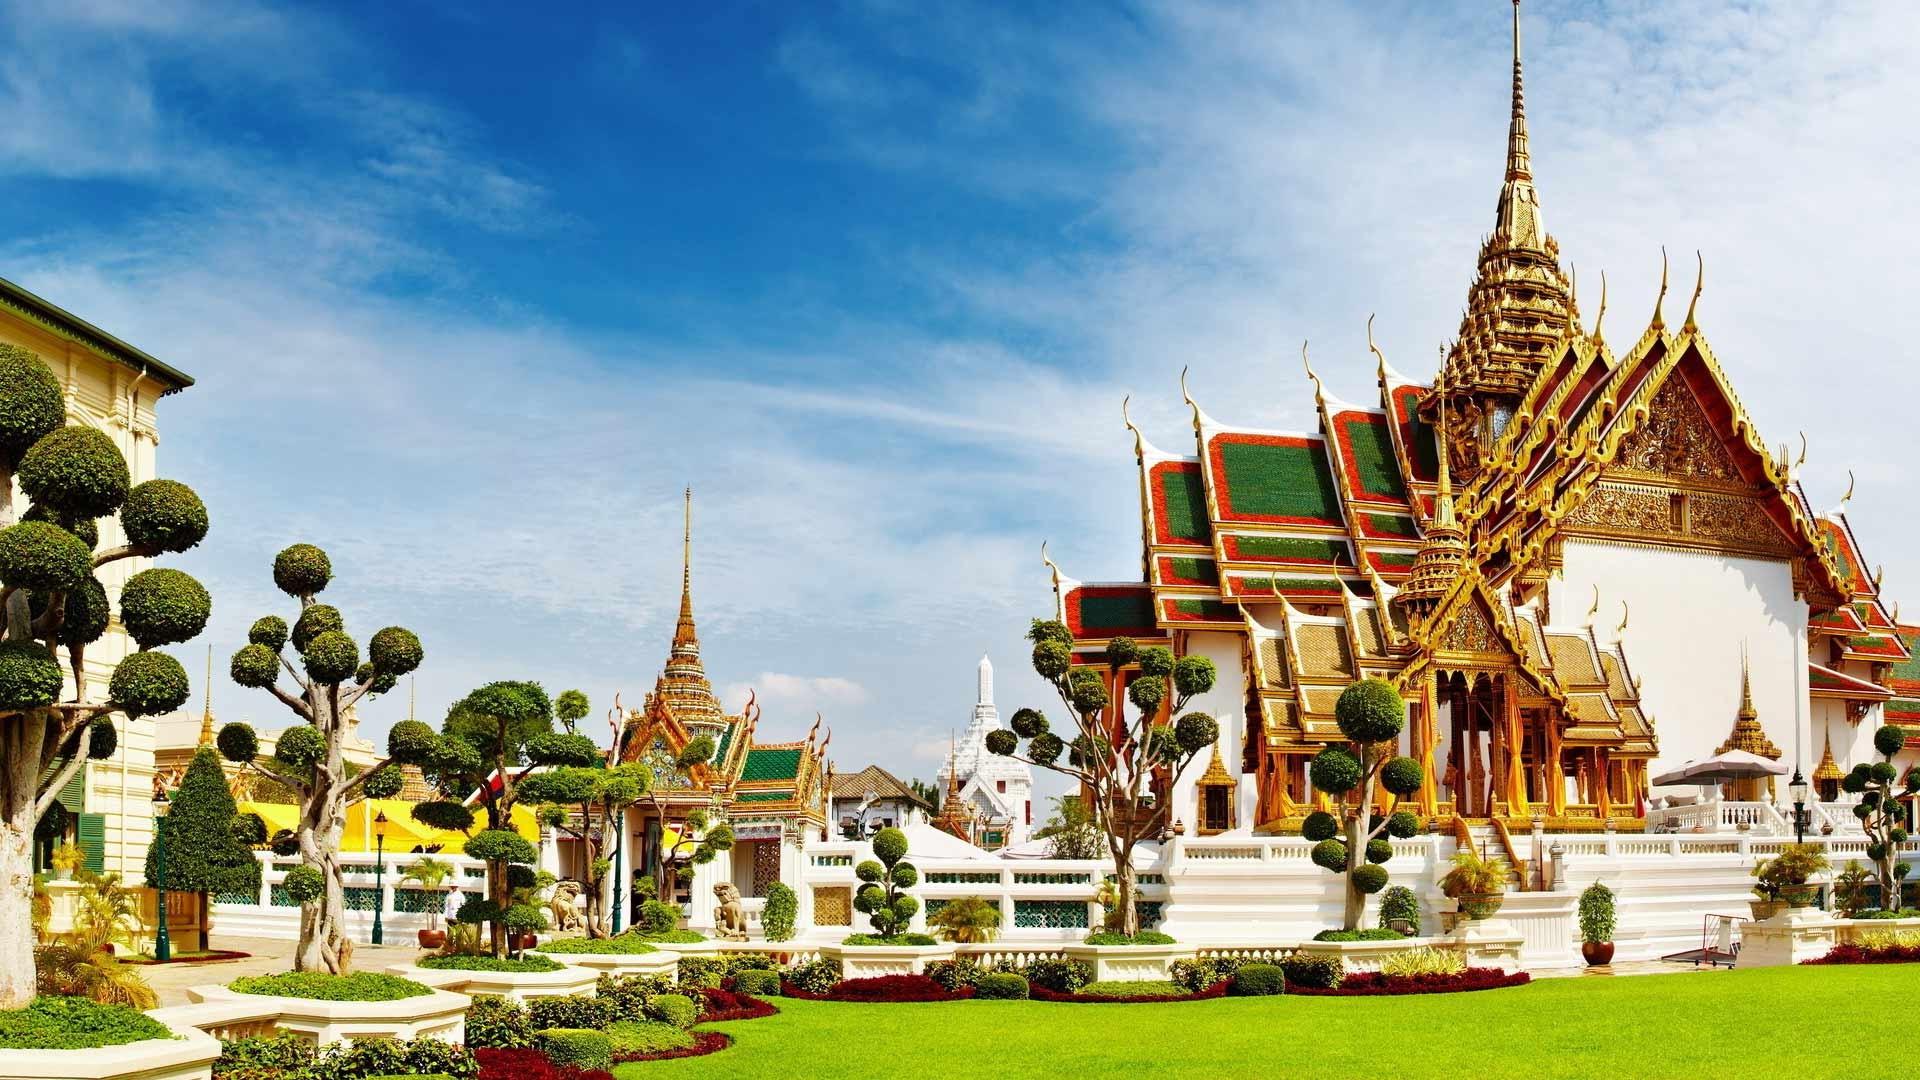 Что будет закрыто— Кремация короля Таиланда